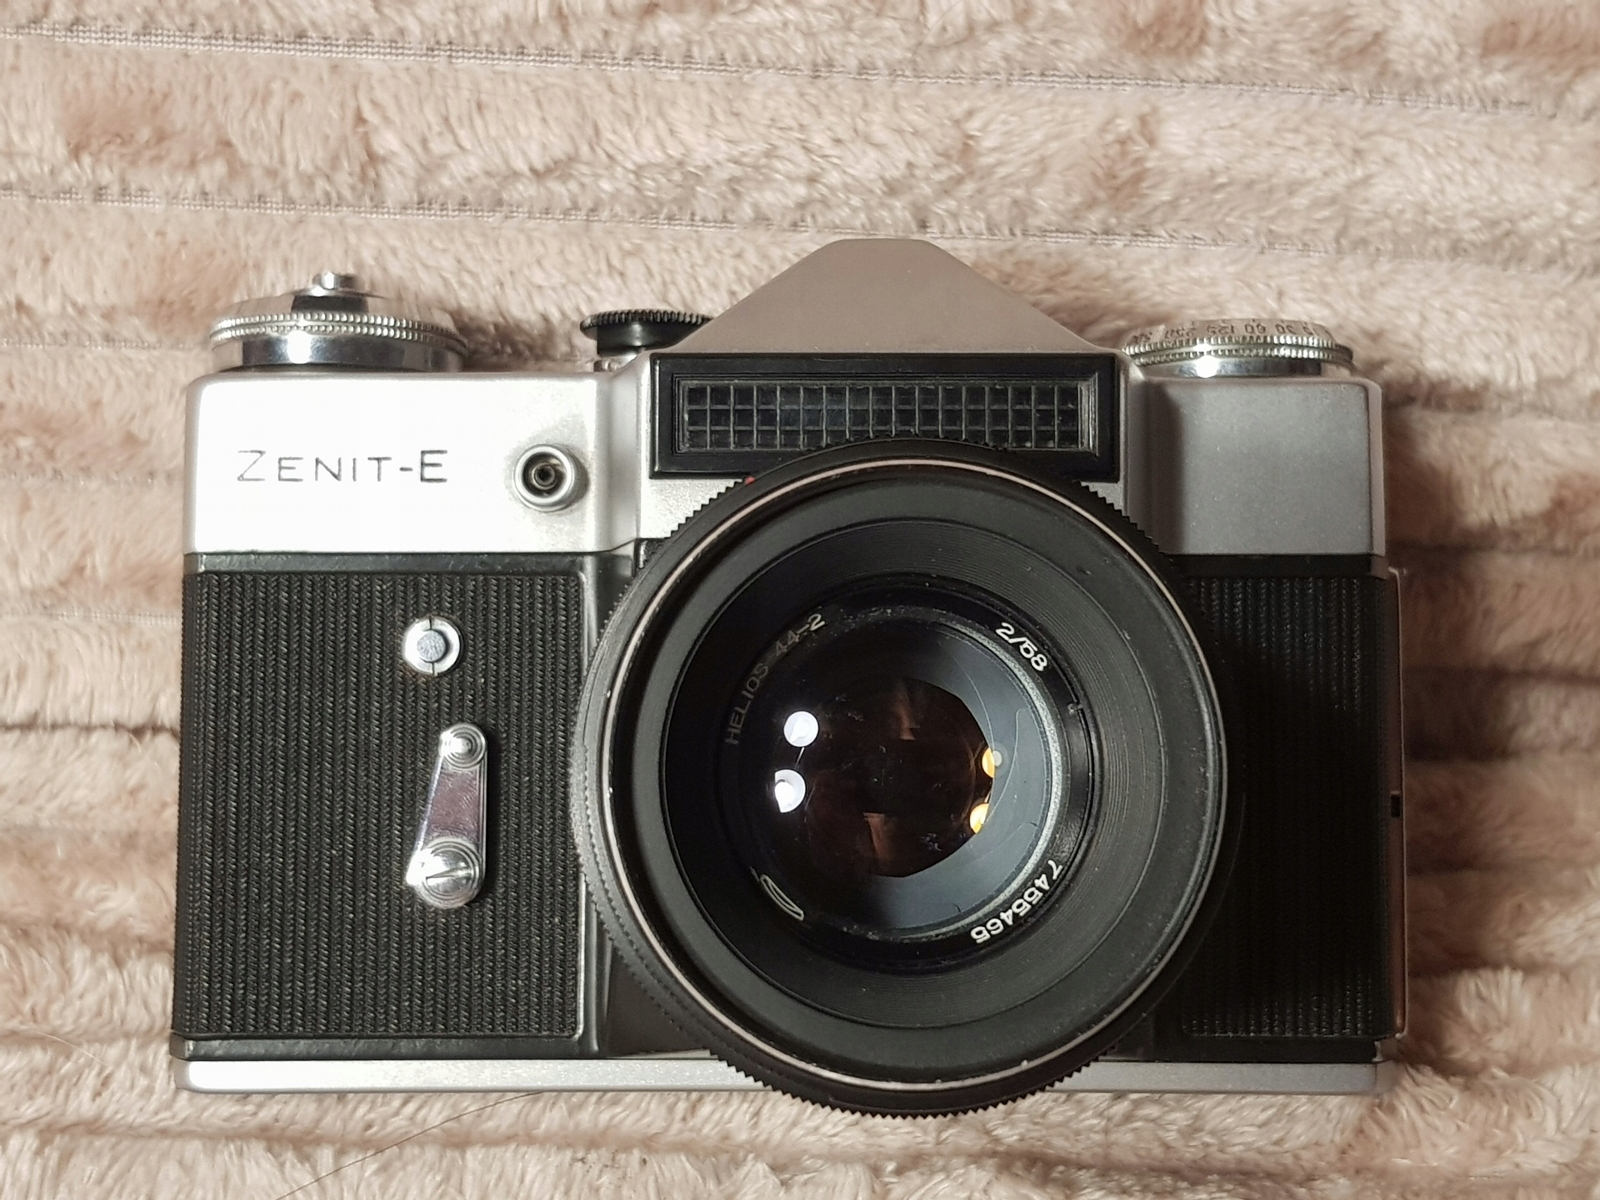 как можно использовать старый фотоаппарат зенит почти все